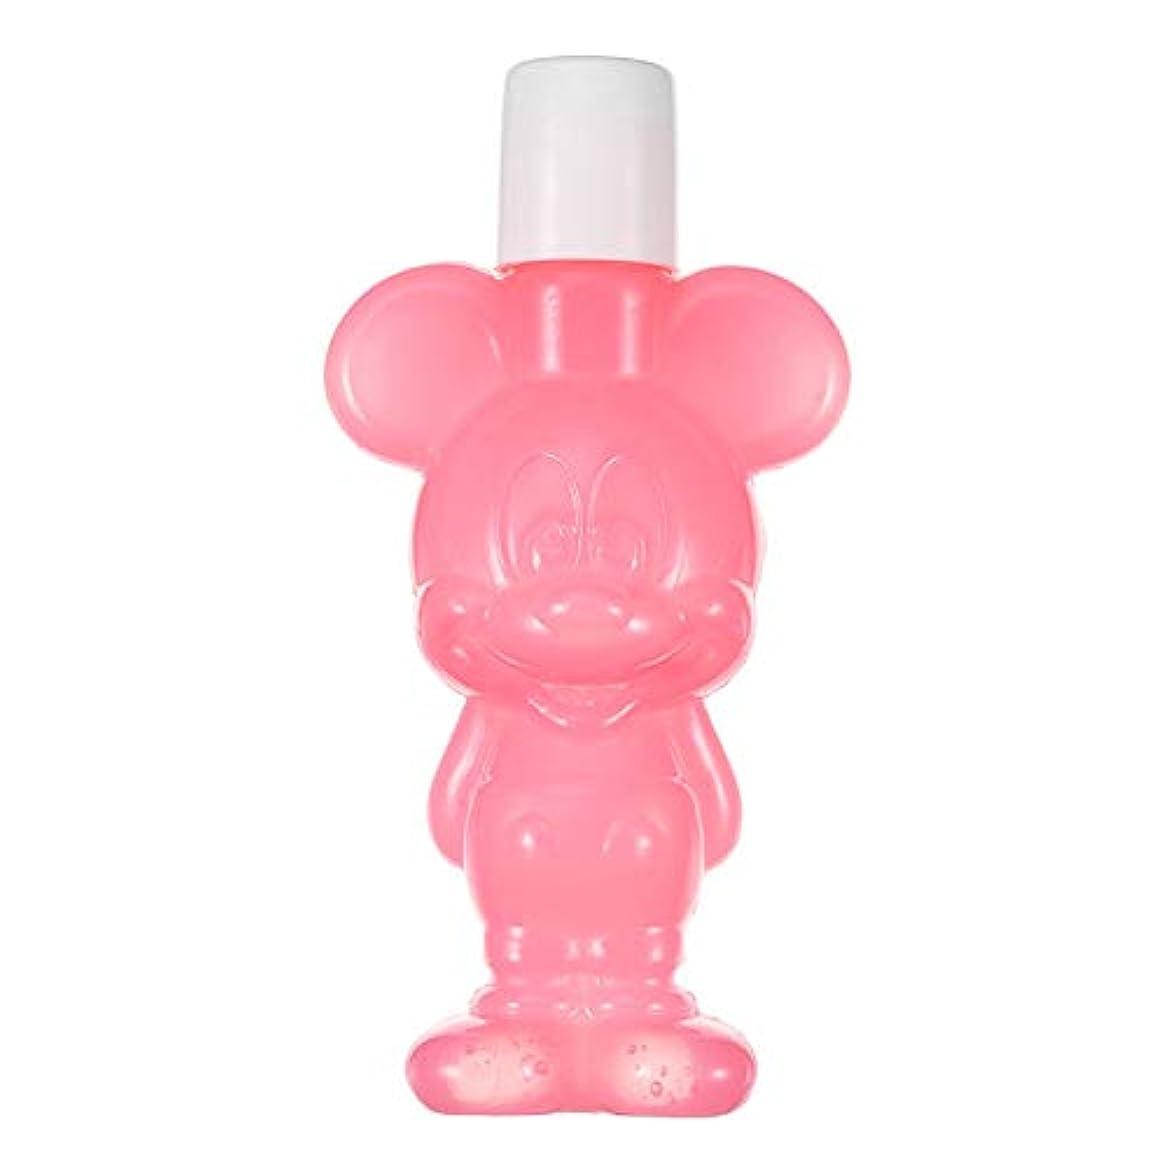 担保水分影響力のあるディズニーストア(公式)保湿ジェル ミッキー ピンク Gummy Candy Cosme